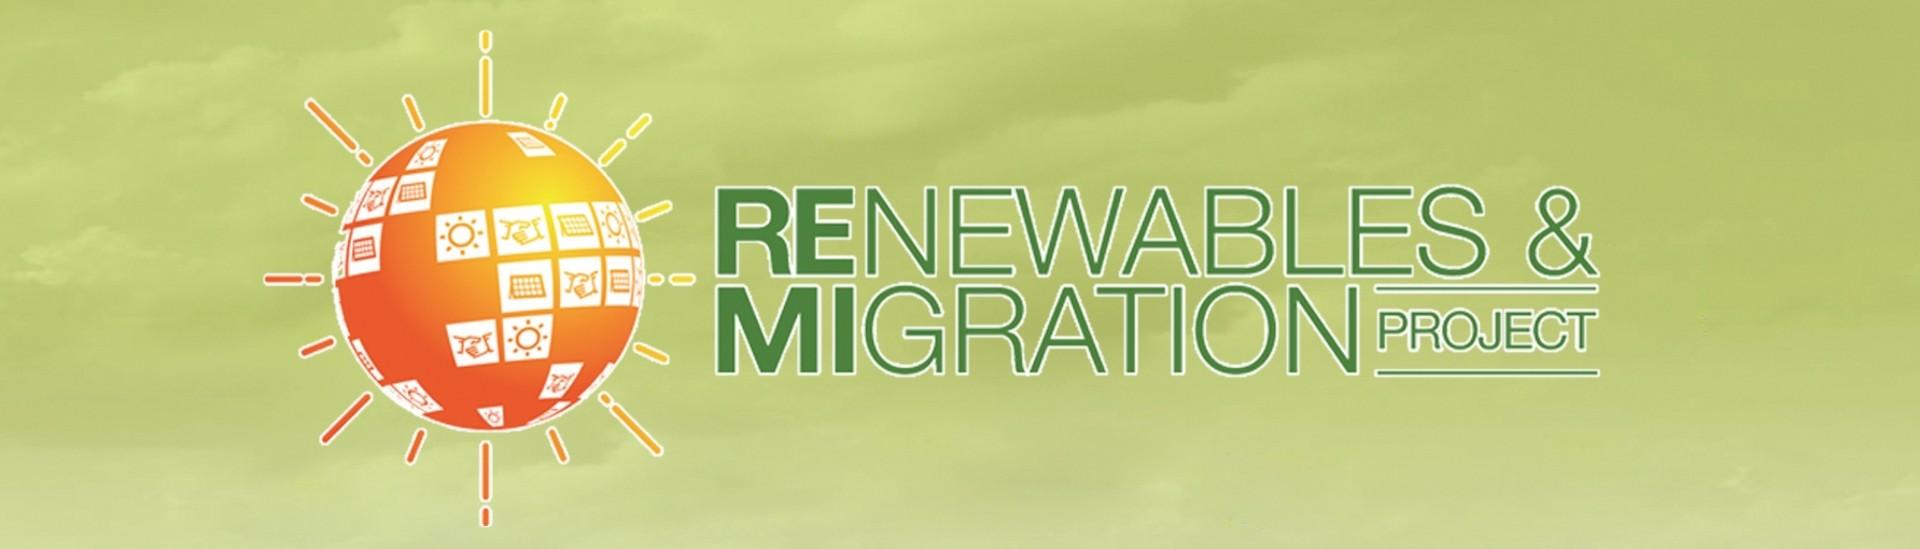 Renewables & Migration Güneş Enerjisinden Elektrik Üretimi Projesi Tanıtım Filmi